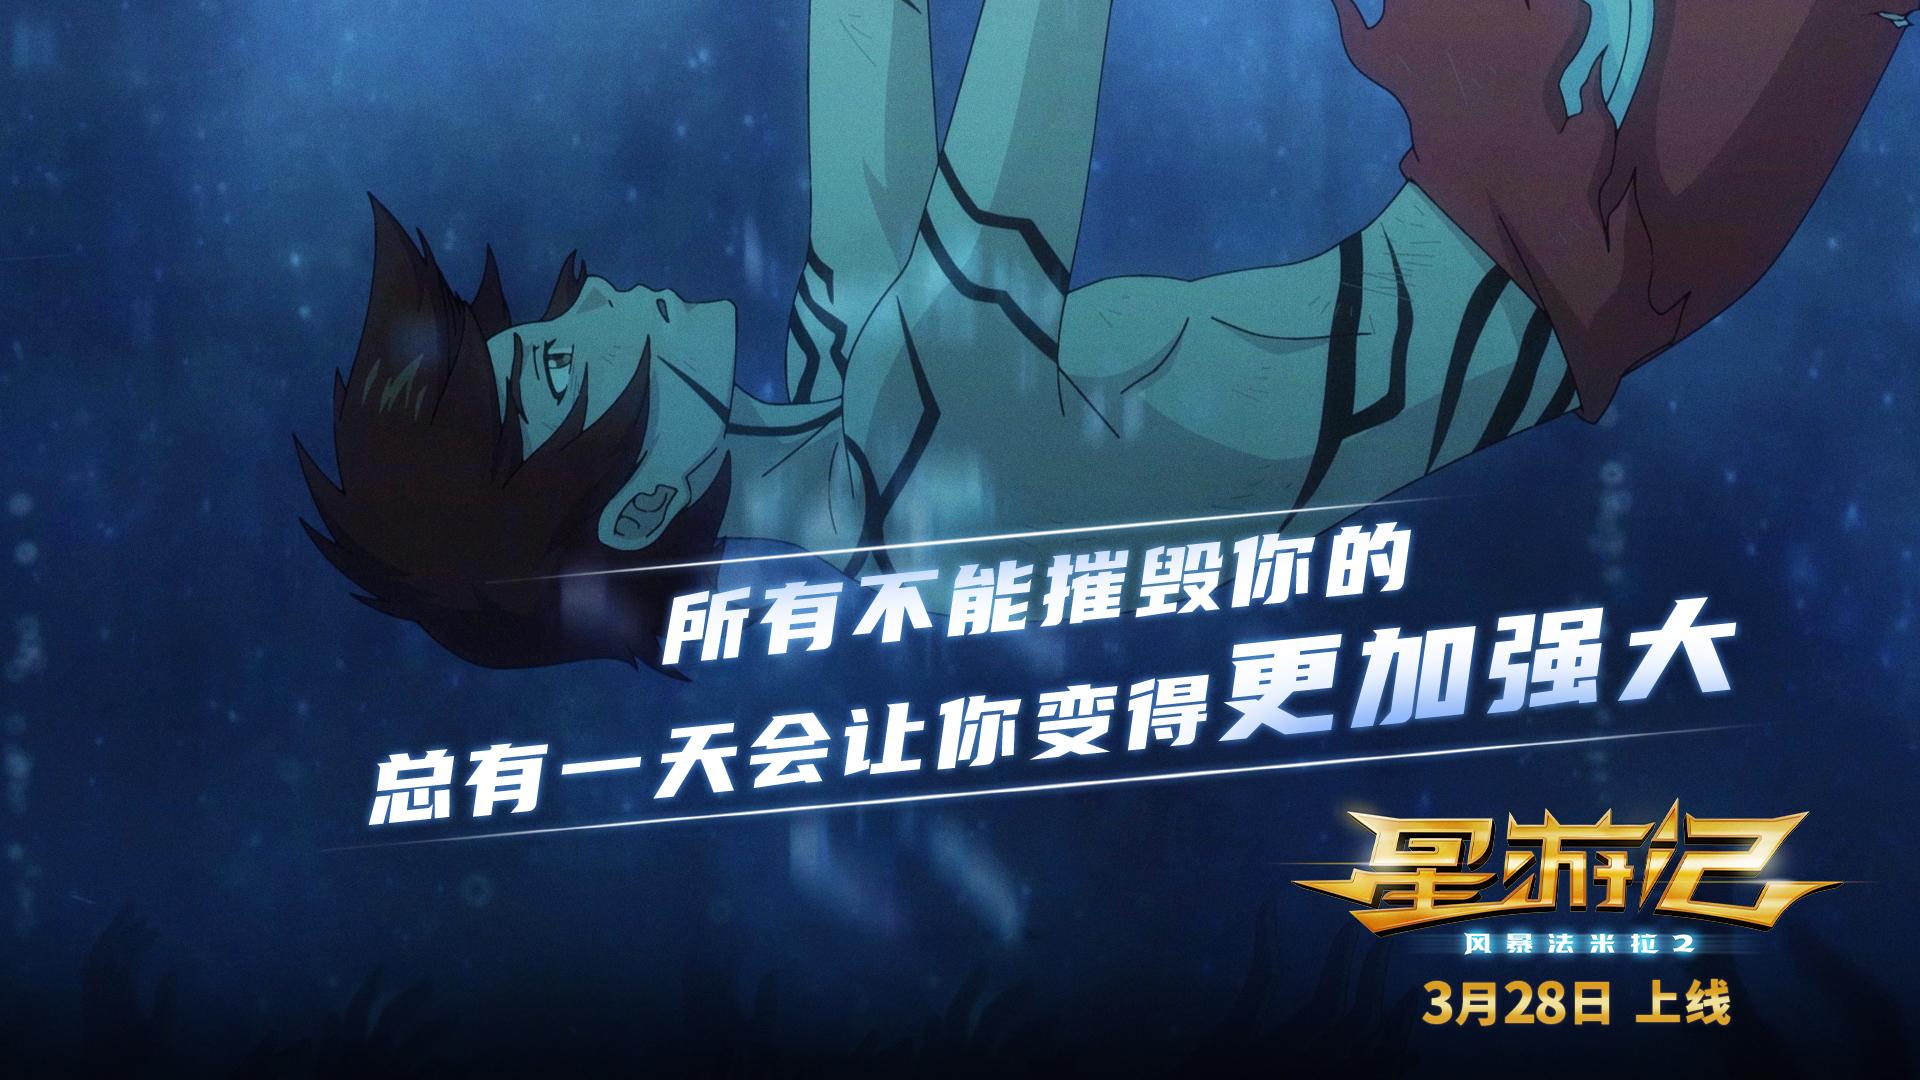 同期网络预约人次TOP1 电影 《星游记2》3月28日英雄重聚